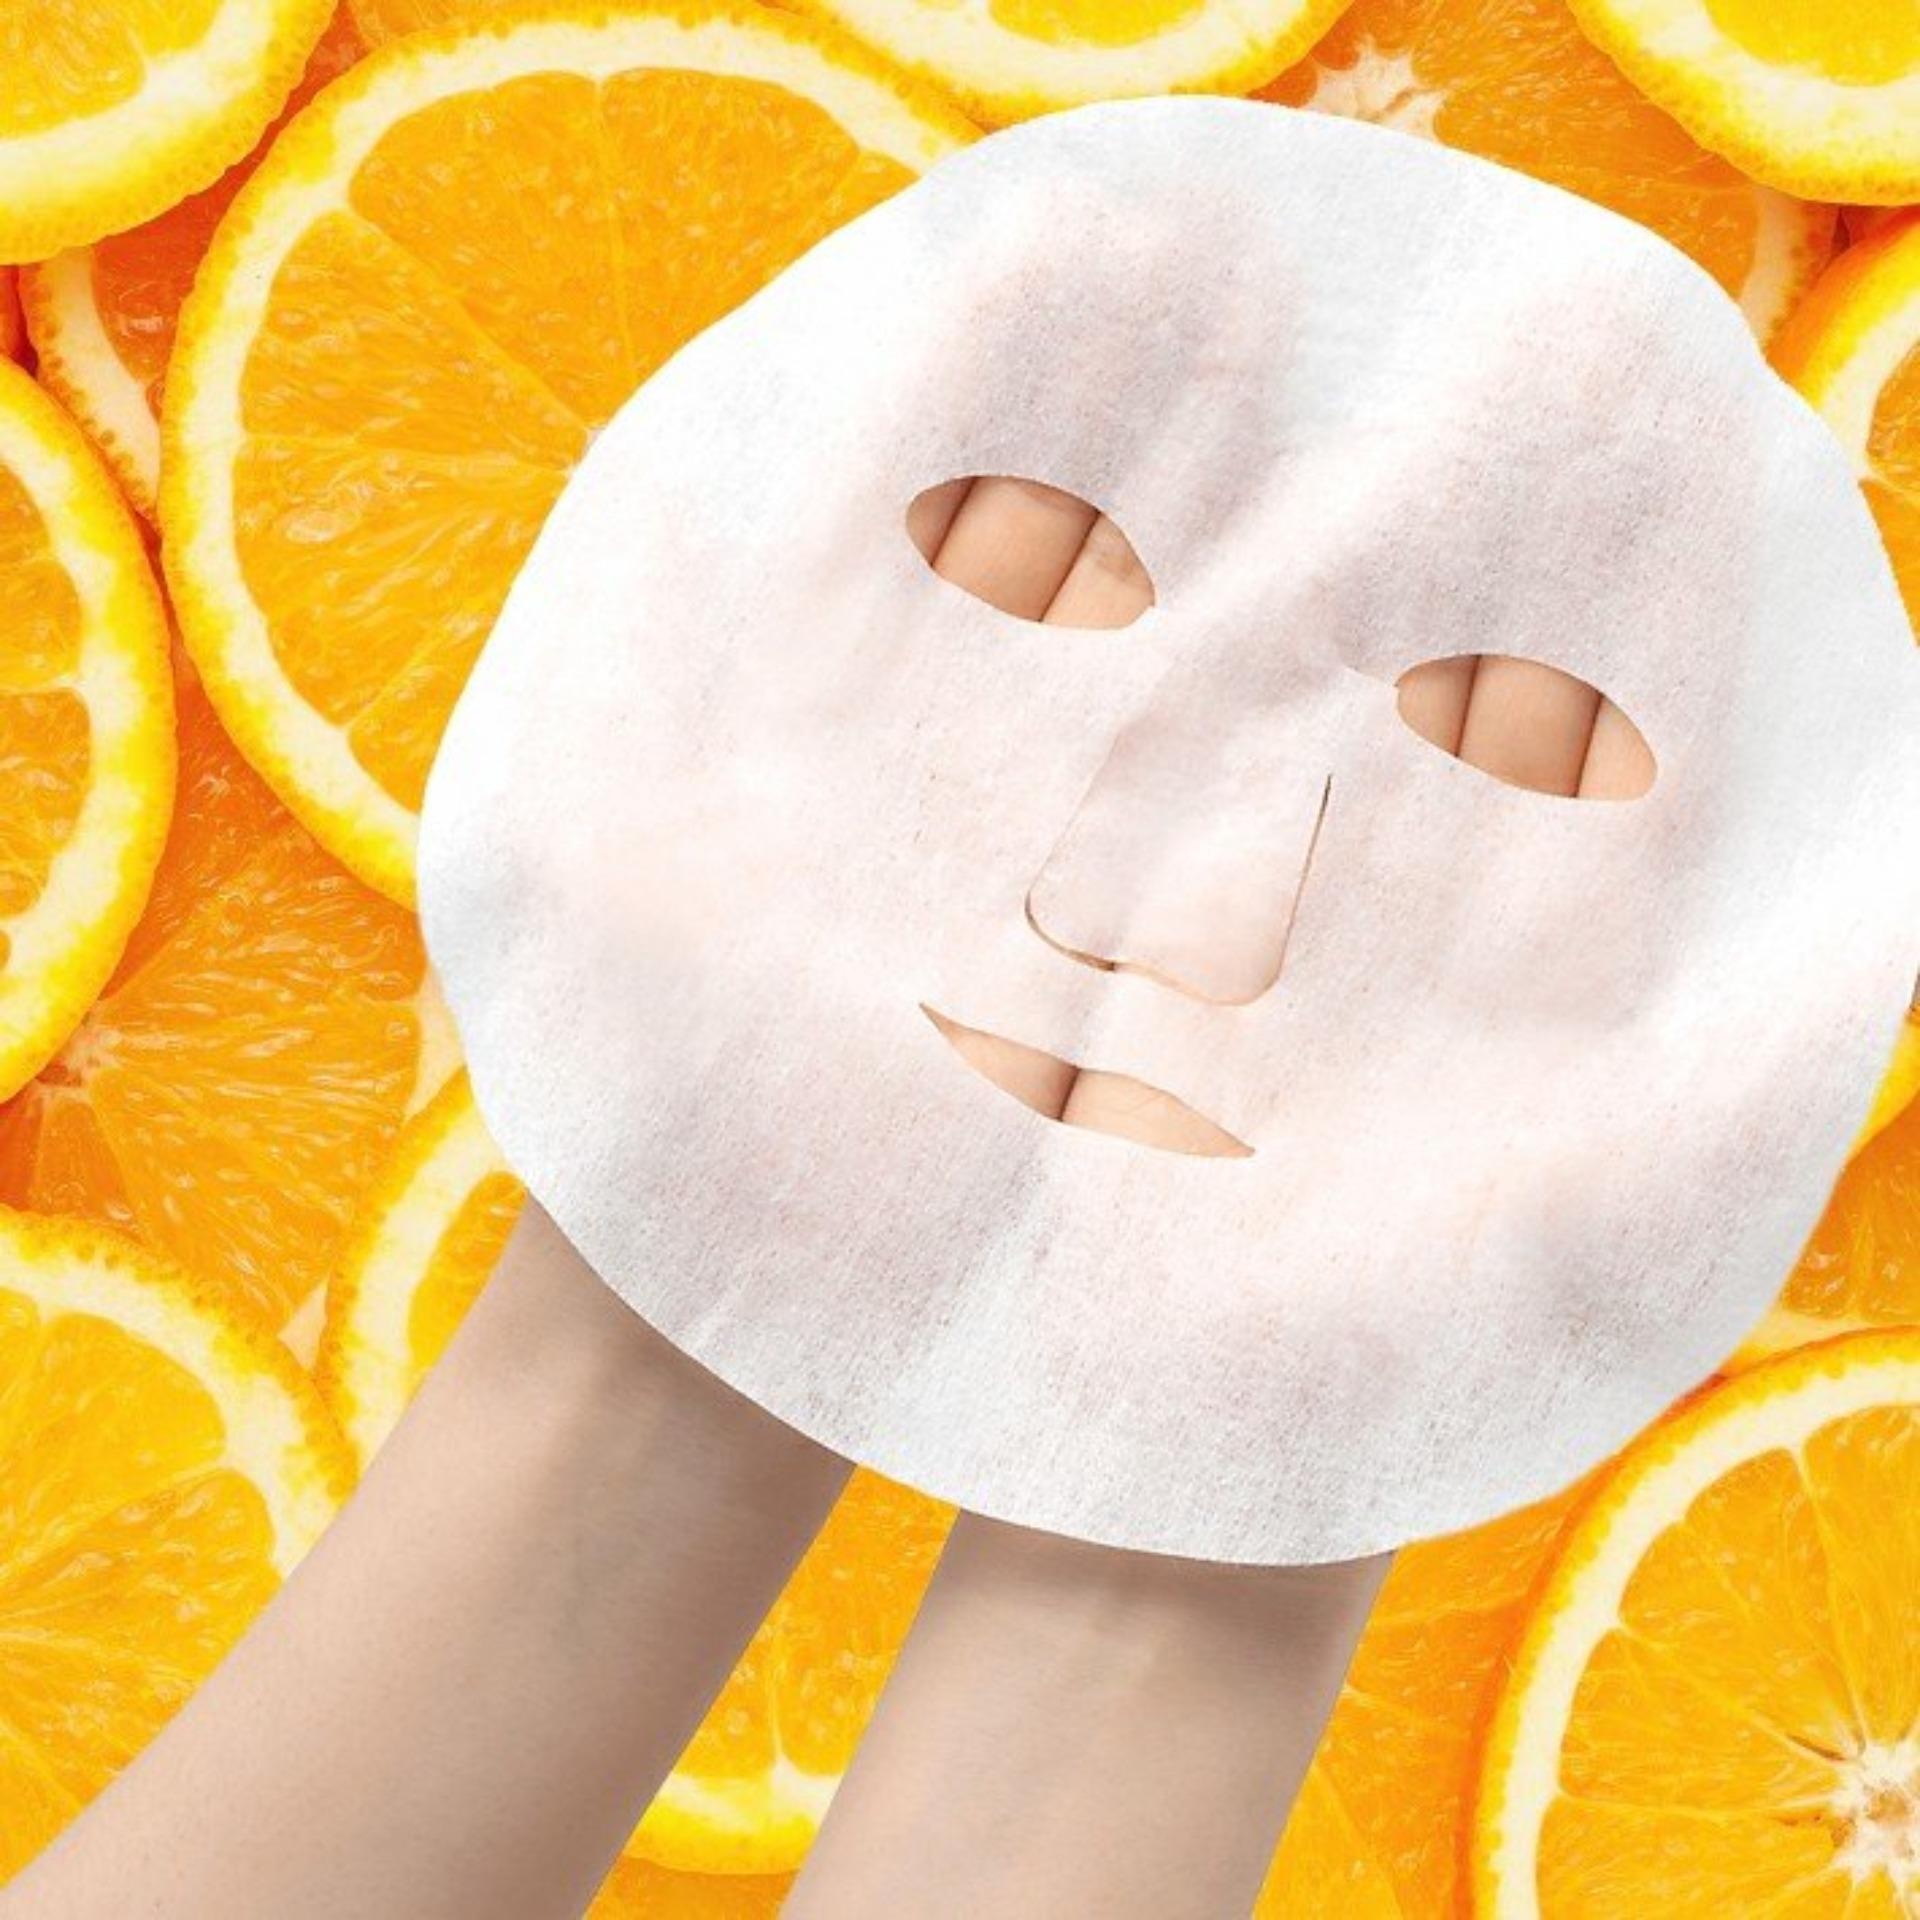 Chấm điểm 5 loại mask Nhật nổi tiếng được cái tín đồ làm đẹp yêu thích khen nức nở - Hình 2